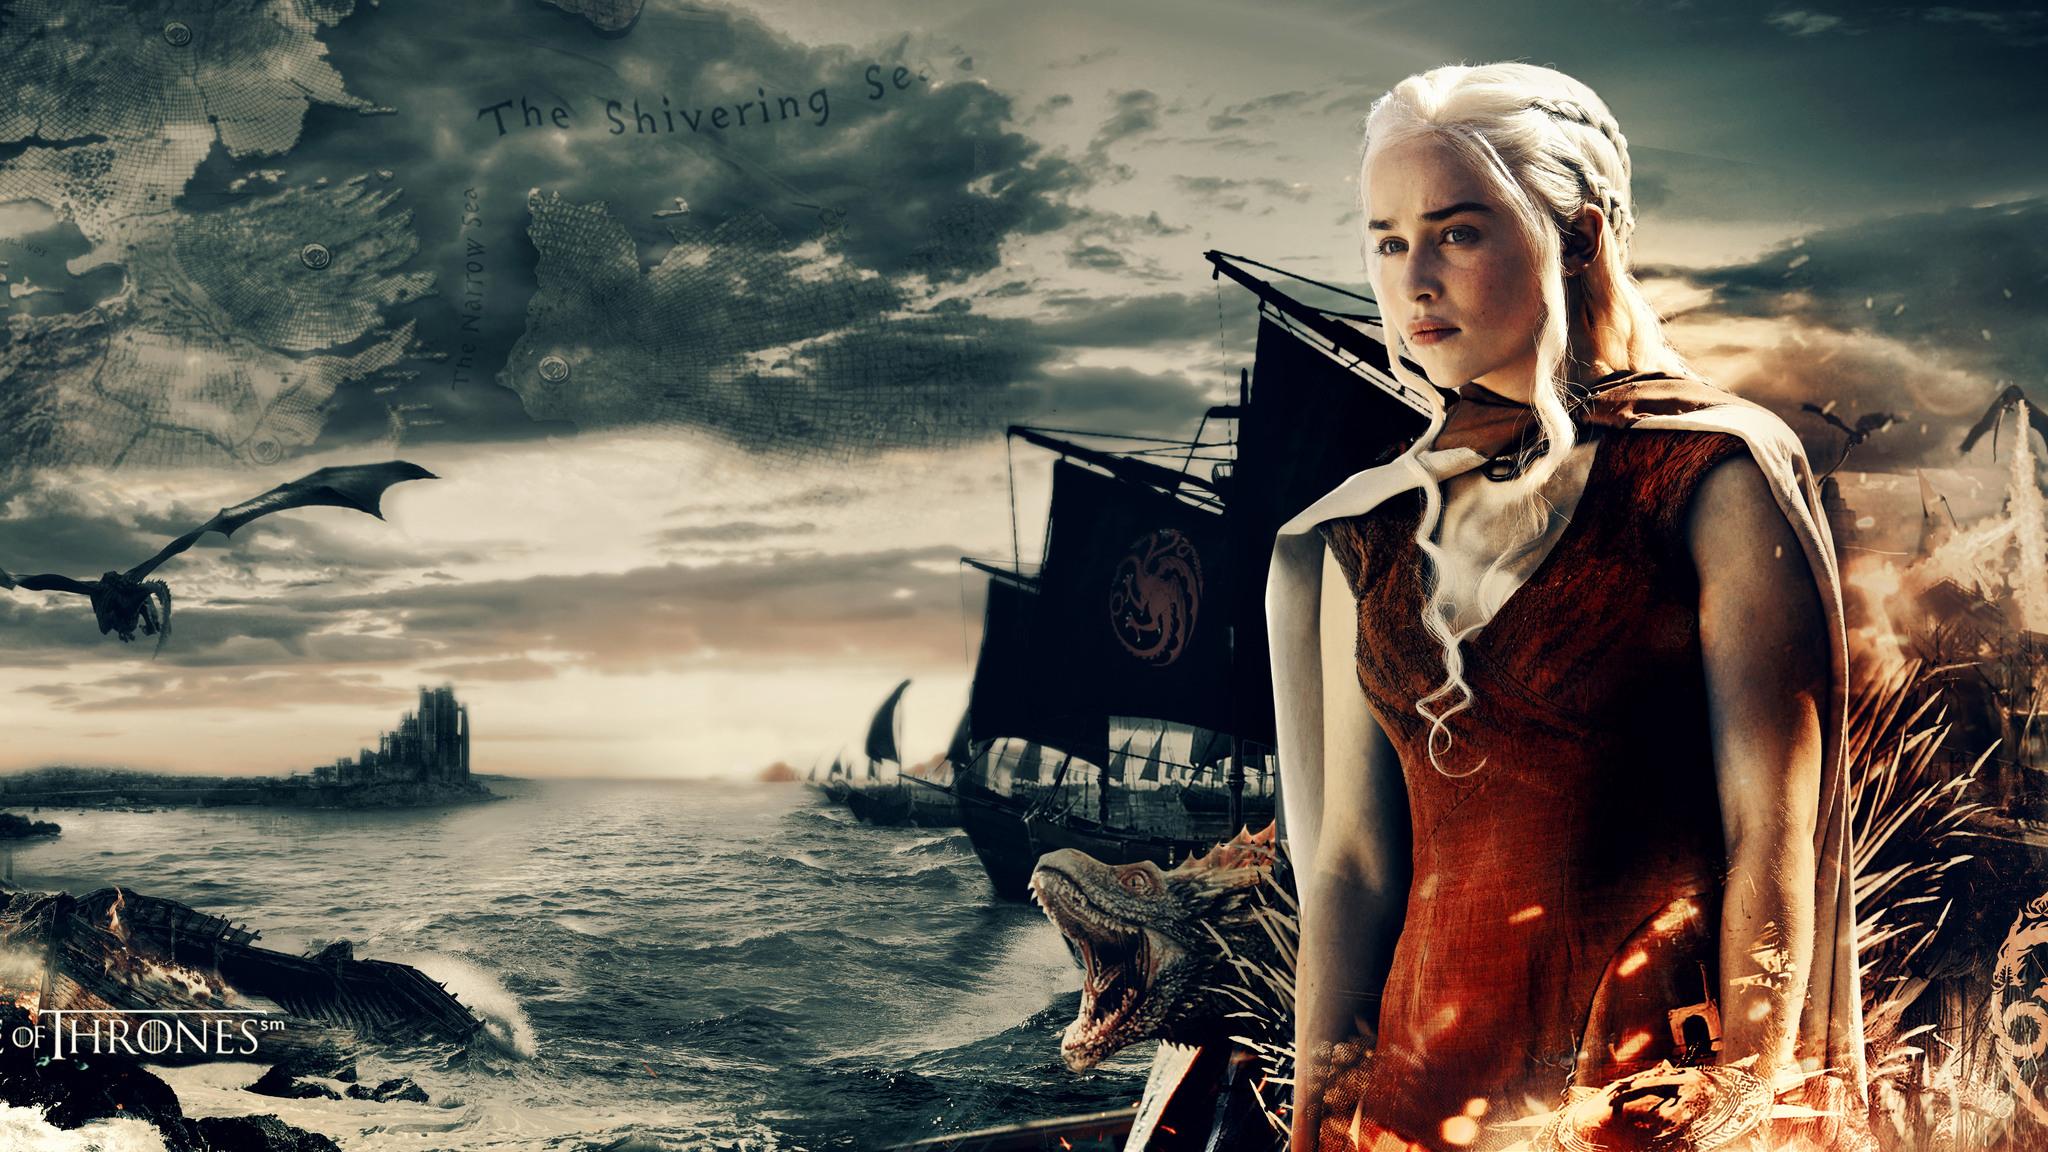 2048x1152 Daenerys Targaryen 5k 2048x1152 Resolution HD 4k ...